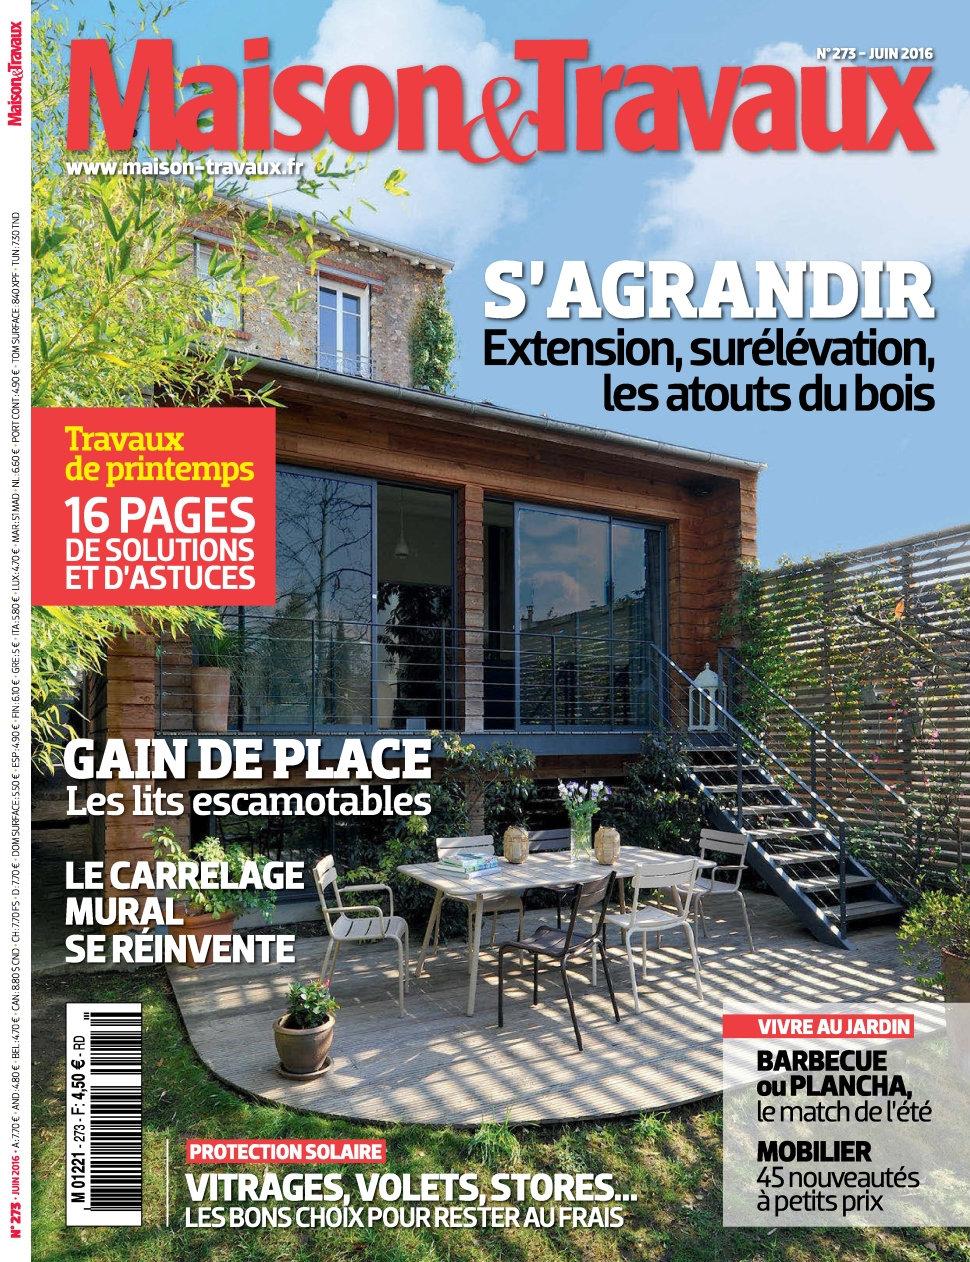 Maison & Travaux N°273 - Juin 2016